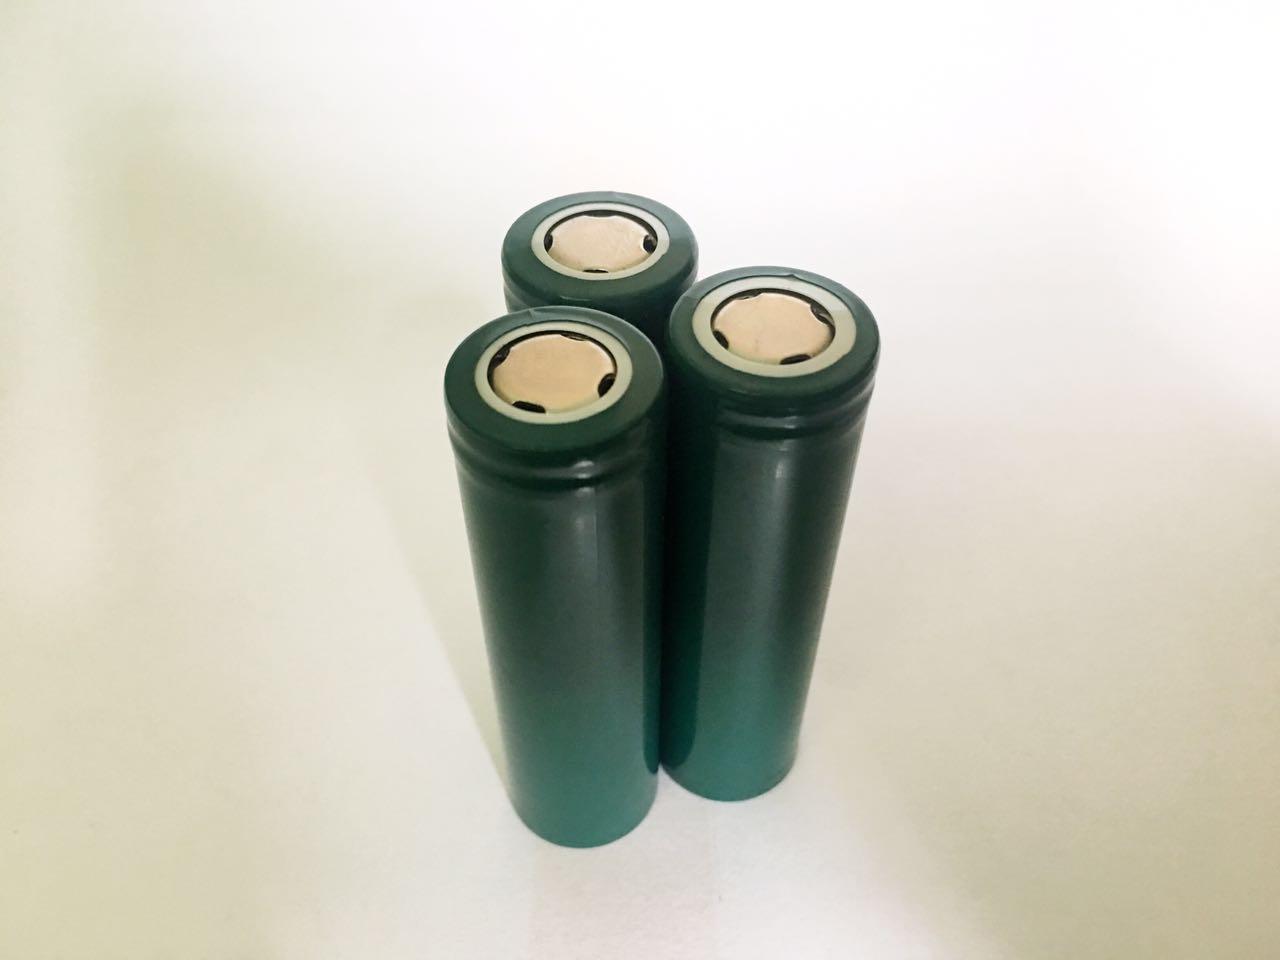 适用电动车动力电池 厂家直销供应全新A品18650锂电池足容2600mah锂电池环保防爆阀充电电池